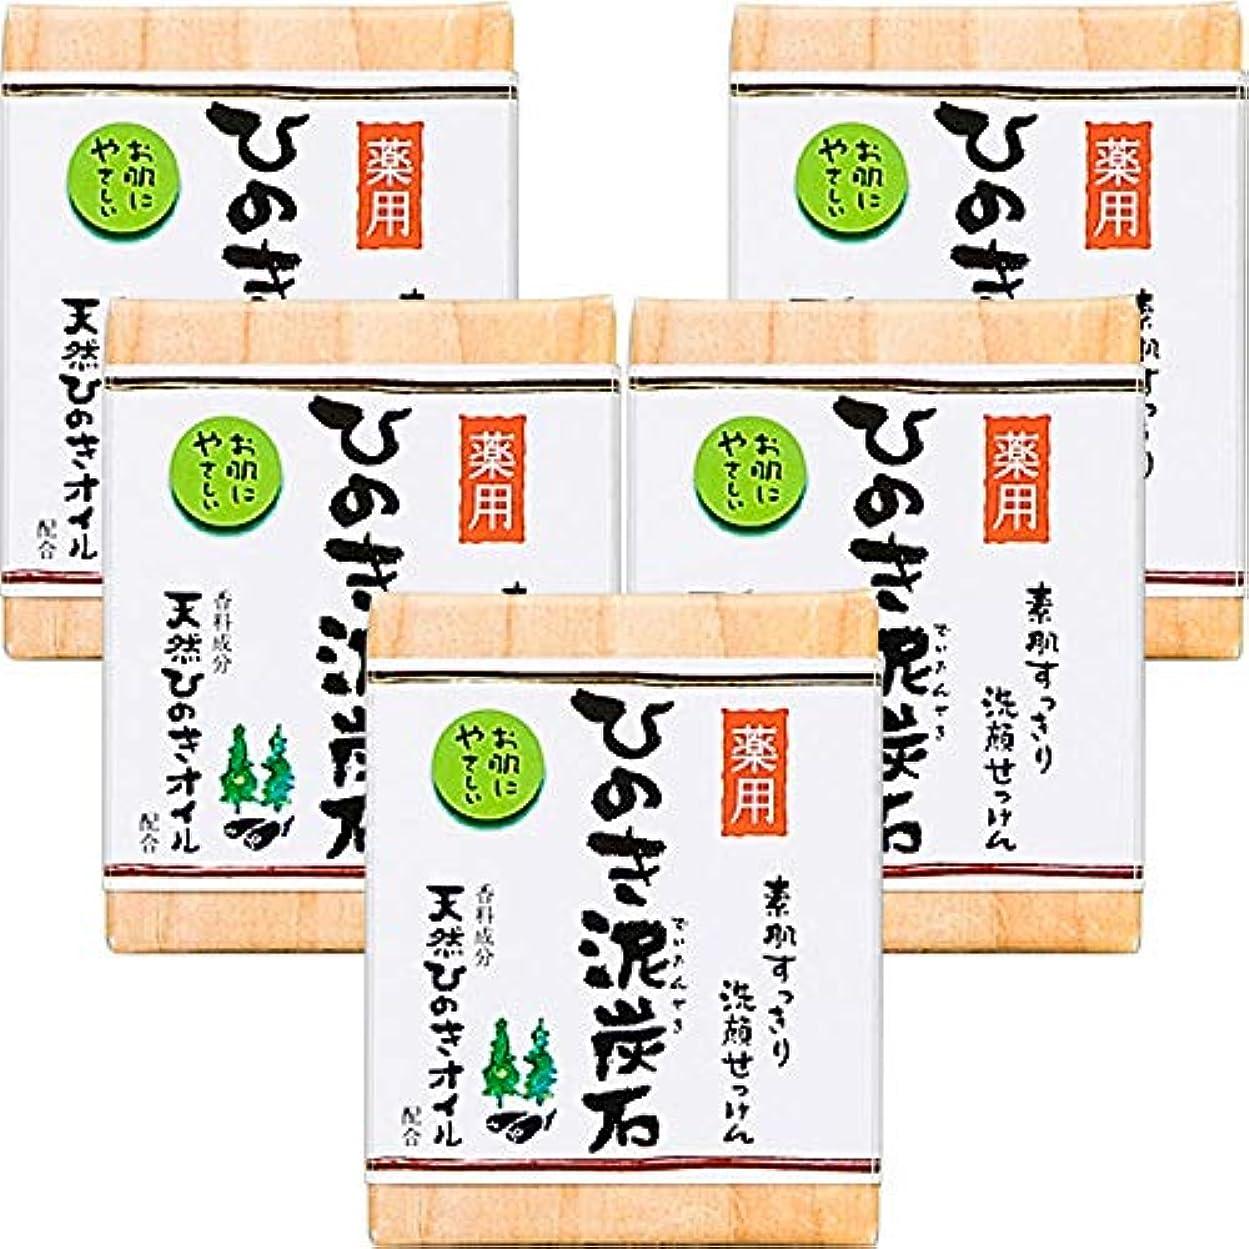 フェデレーション最適ハント薬用 ひのき泥炭石 (75g×5個) 洗顔 石けん [天然ひのきオイル配合] 肌荒れ防止